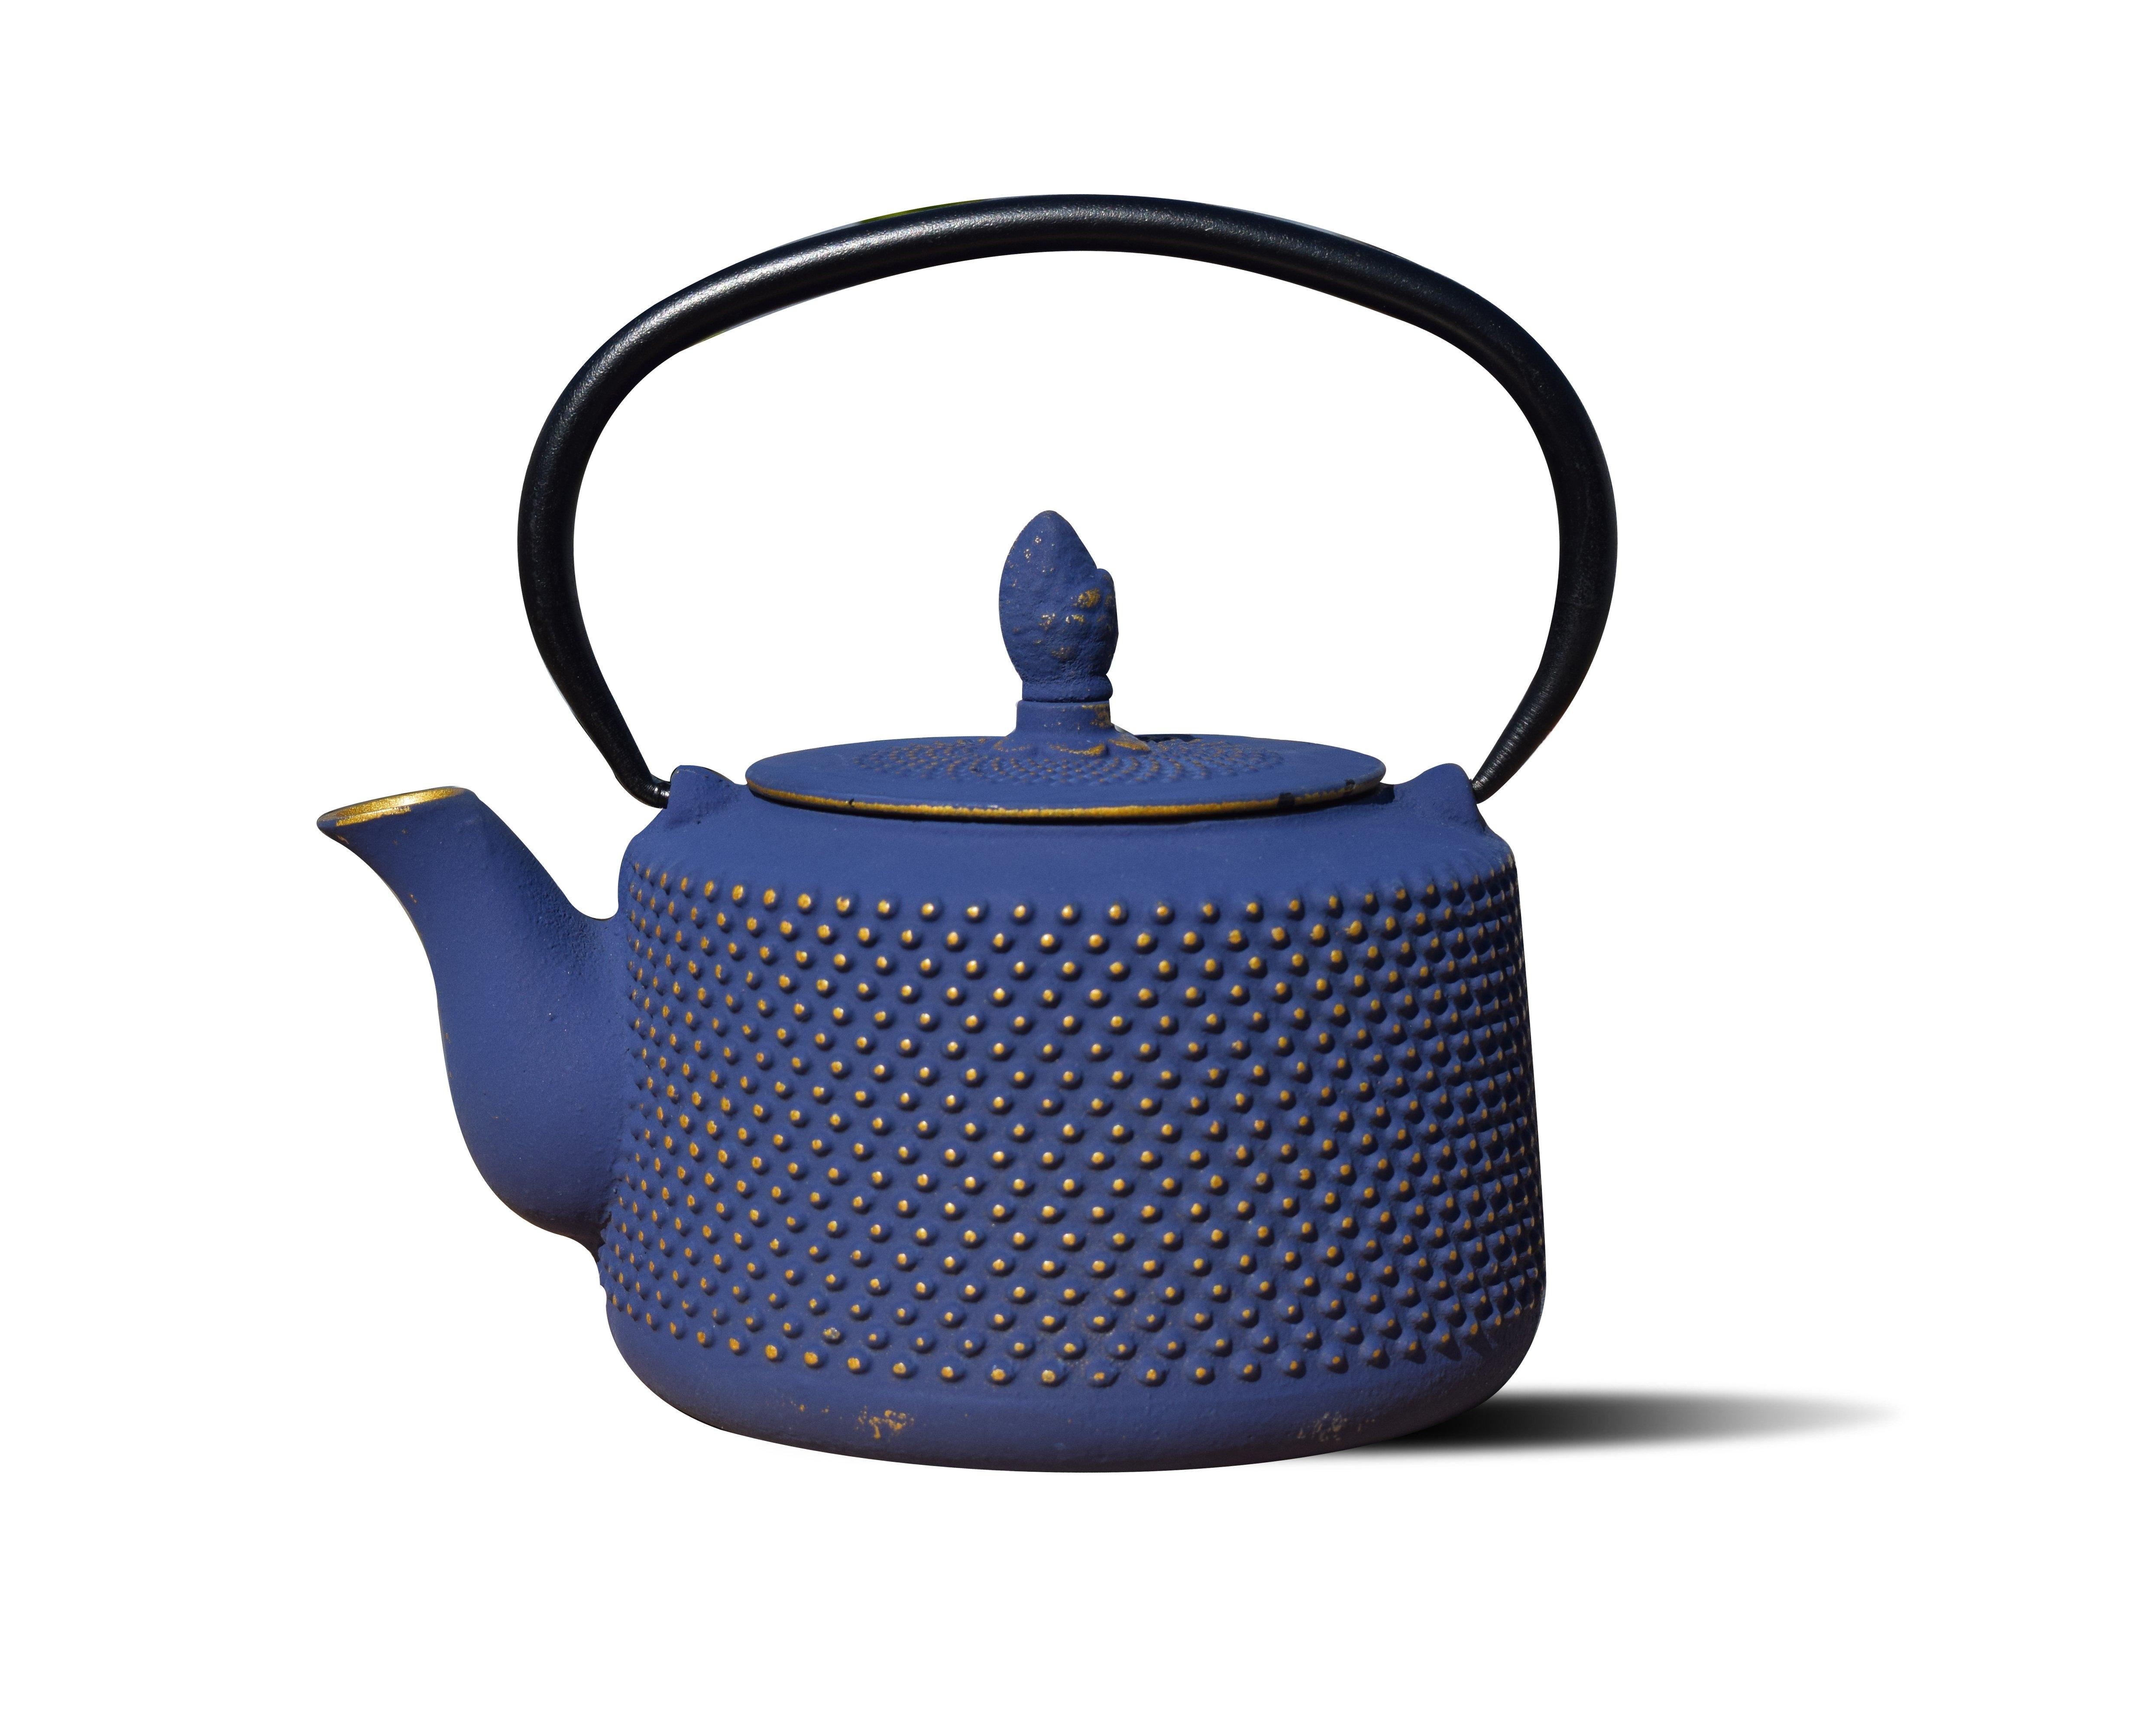 """Image of """"Old Dutch International Deep Blue/Gold Cast Iron """"""""Matsukasa"""""""" Teapot, 28 Oz., Black"""""""